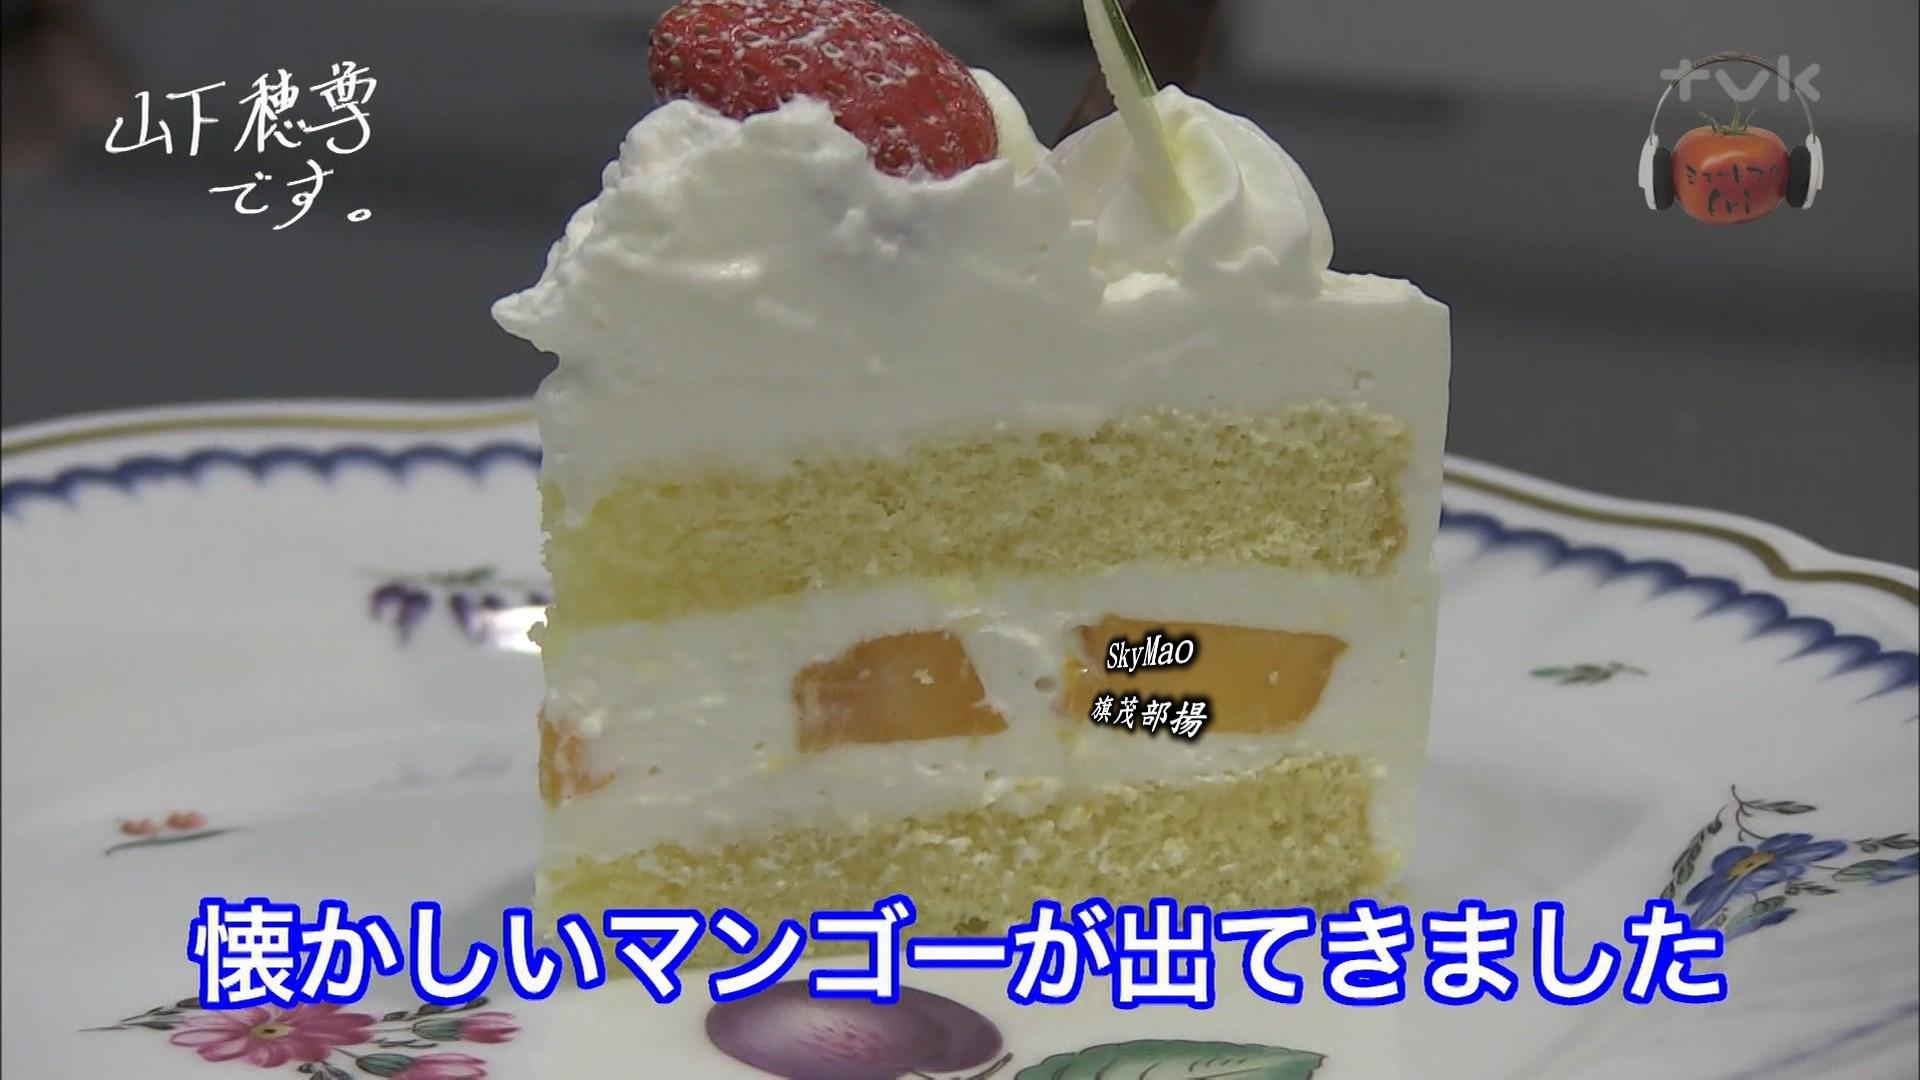 2017.08.25 全場(ミュートマ2).ts_20170826_020114.041